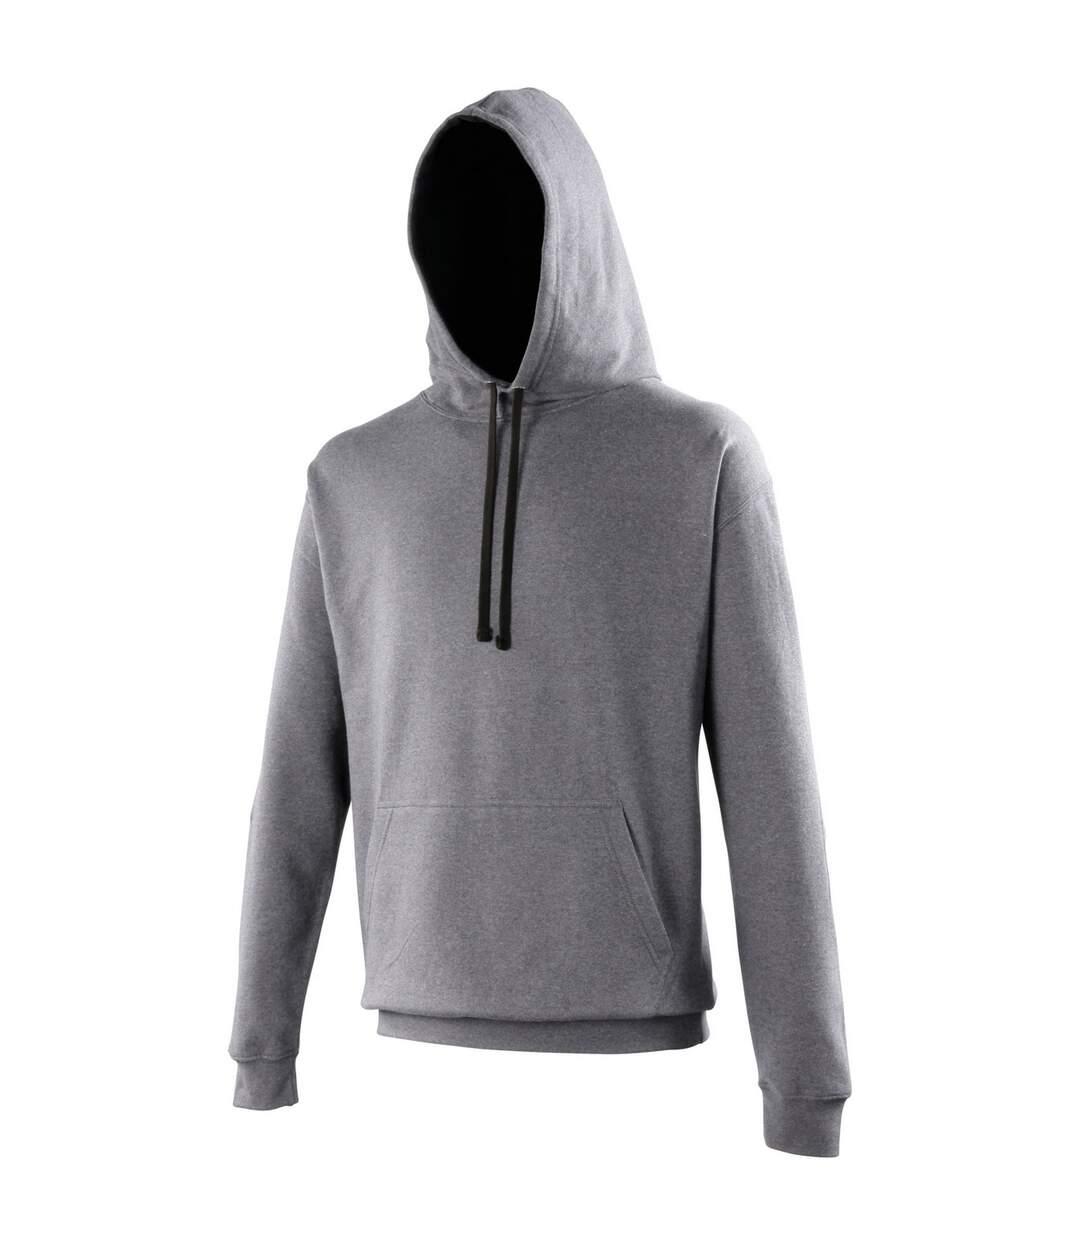 Awdis Varsity Hooded Sweatshirt / Hoodie (Oxford Navy/ Hawaiian Blue) - UTRW165